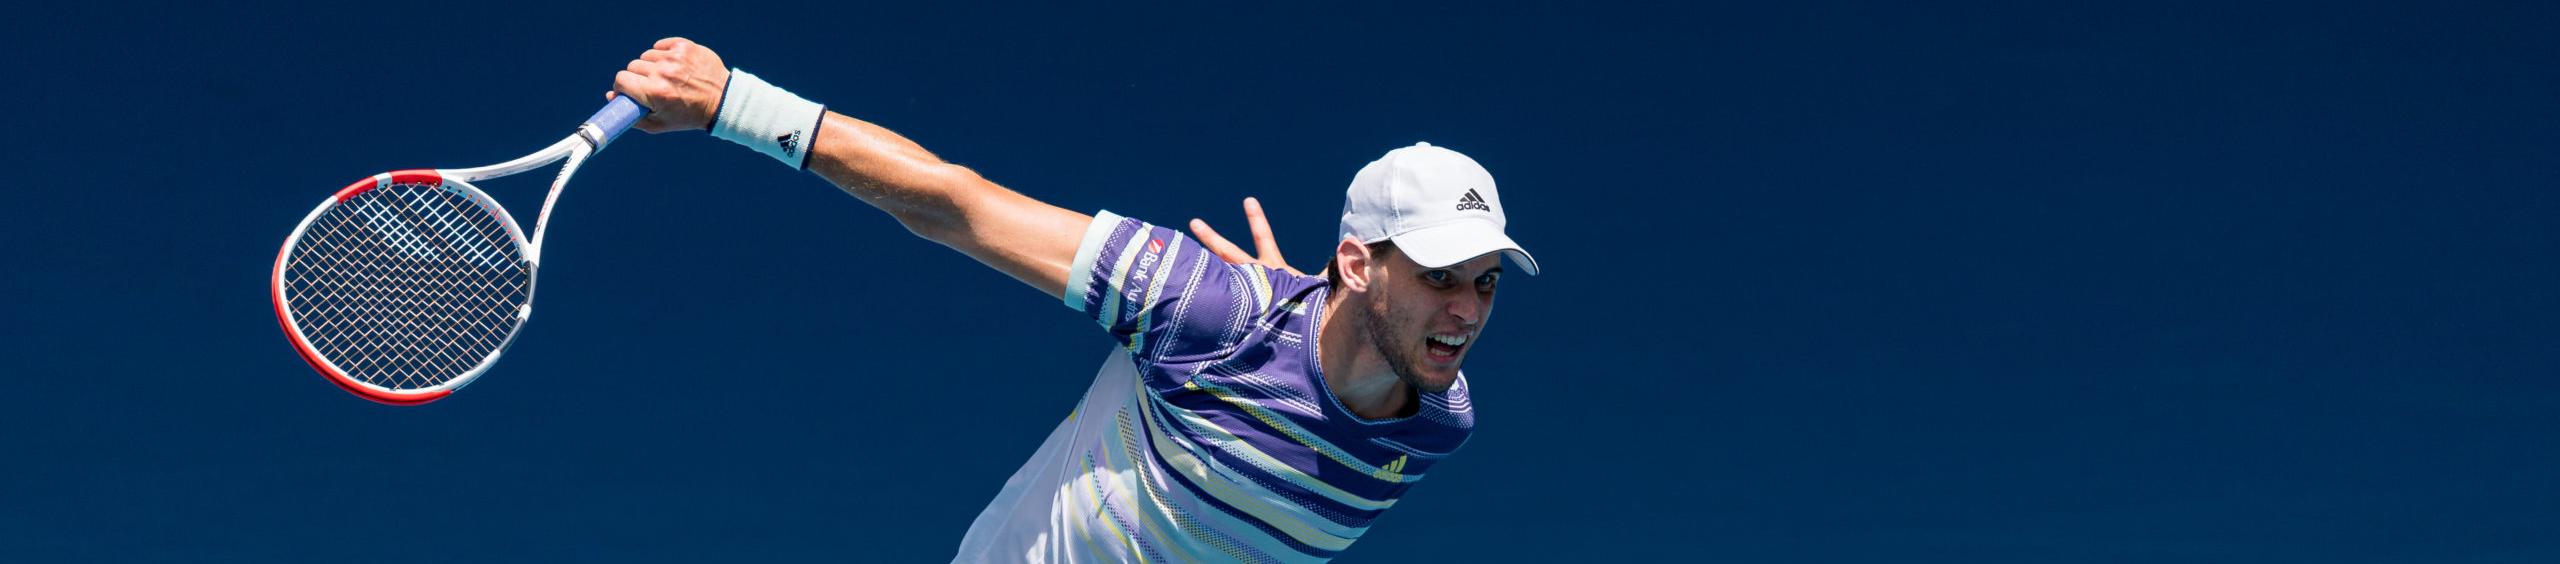 ATP Cup 2021: Novak-Paire e Thiem-Monfils, in palio c'è solo l'onore